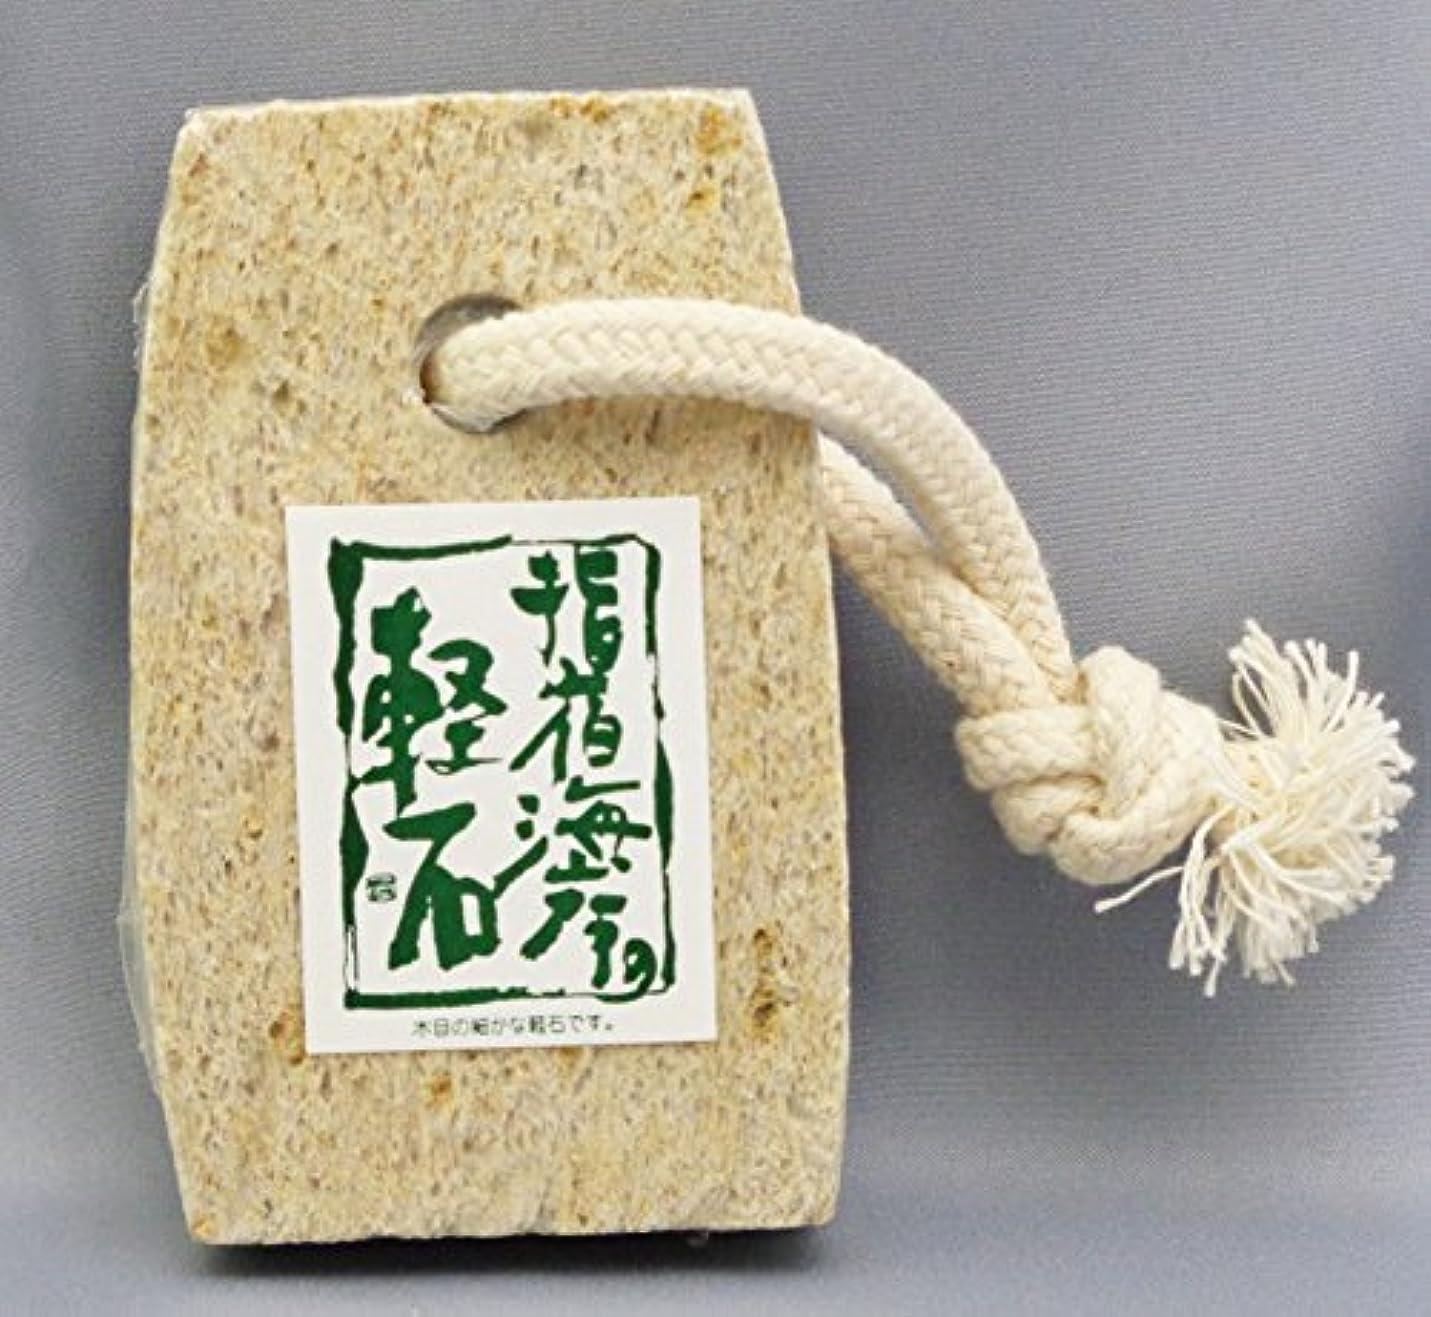 原油会話型魅力的であることへのアピールシオザキ No.3 中判軽石 (ヒモ付き)指宿の軽石